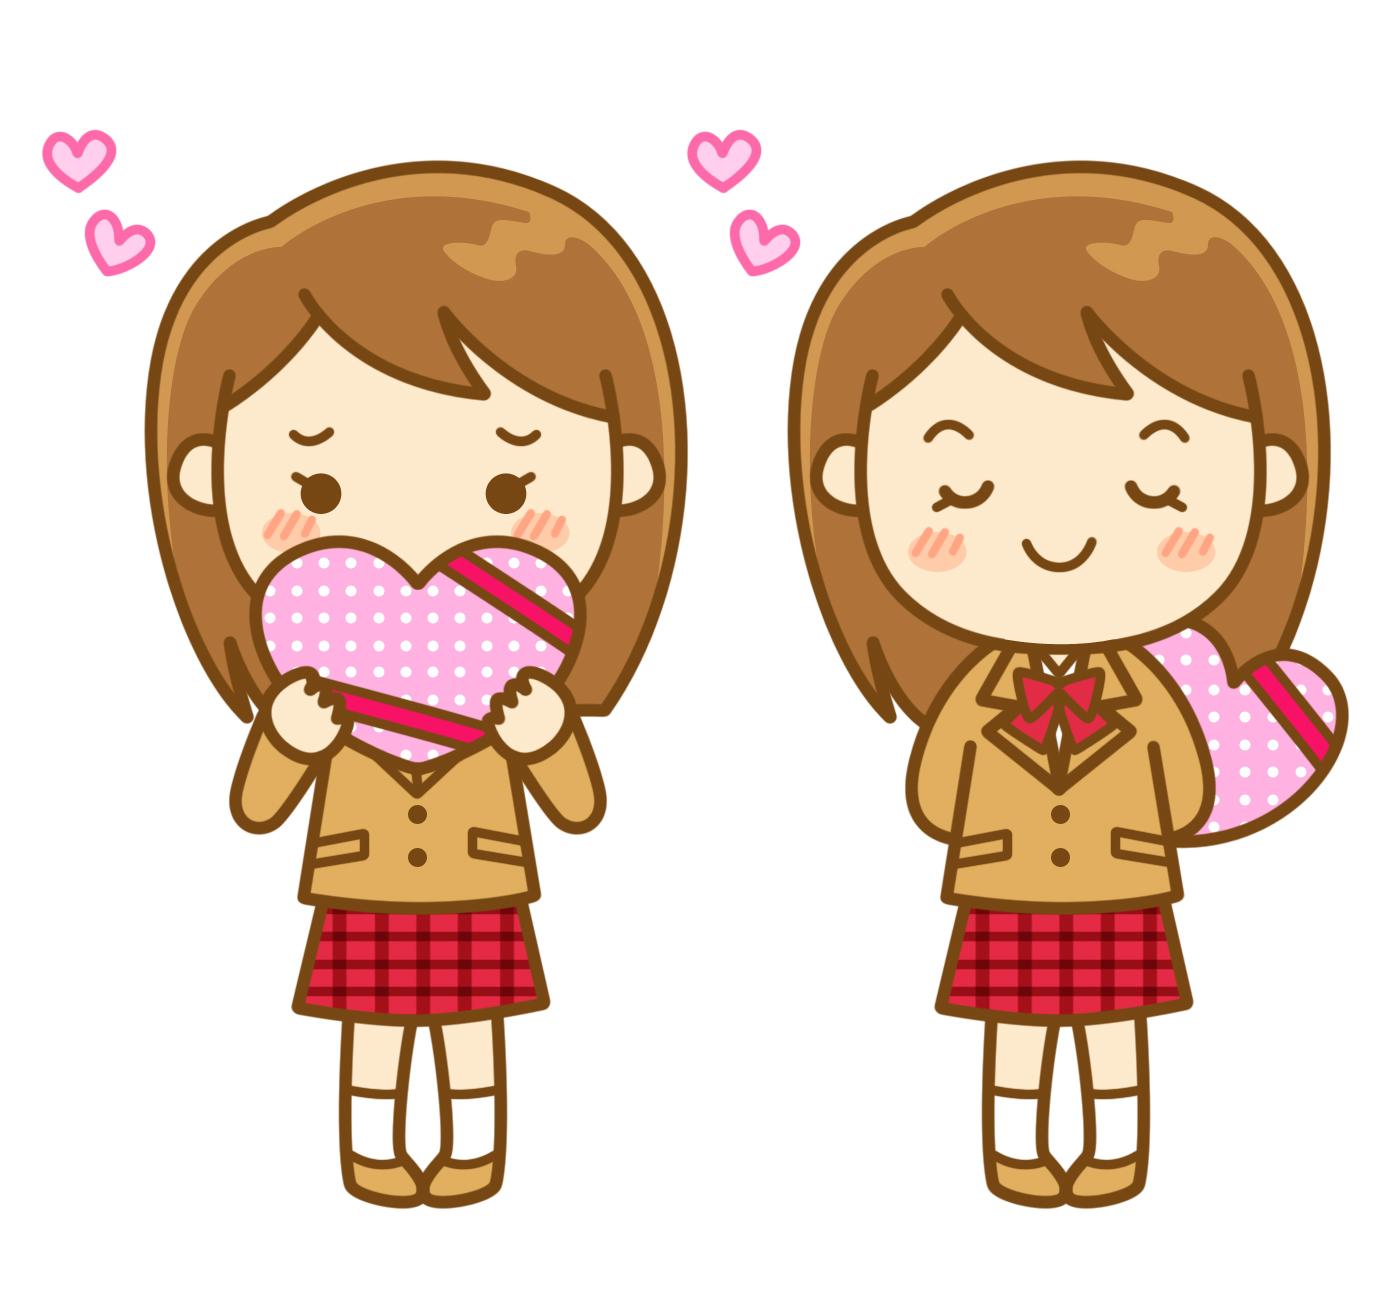 バレンタインデーに受験生がチョコを渡しても良い?手作り?買ったものでもOK?渡す方法は?